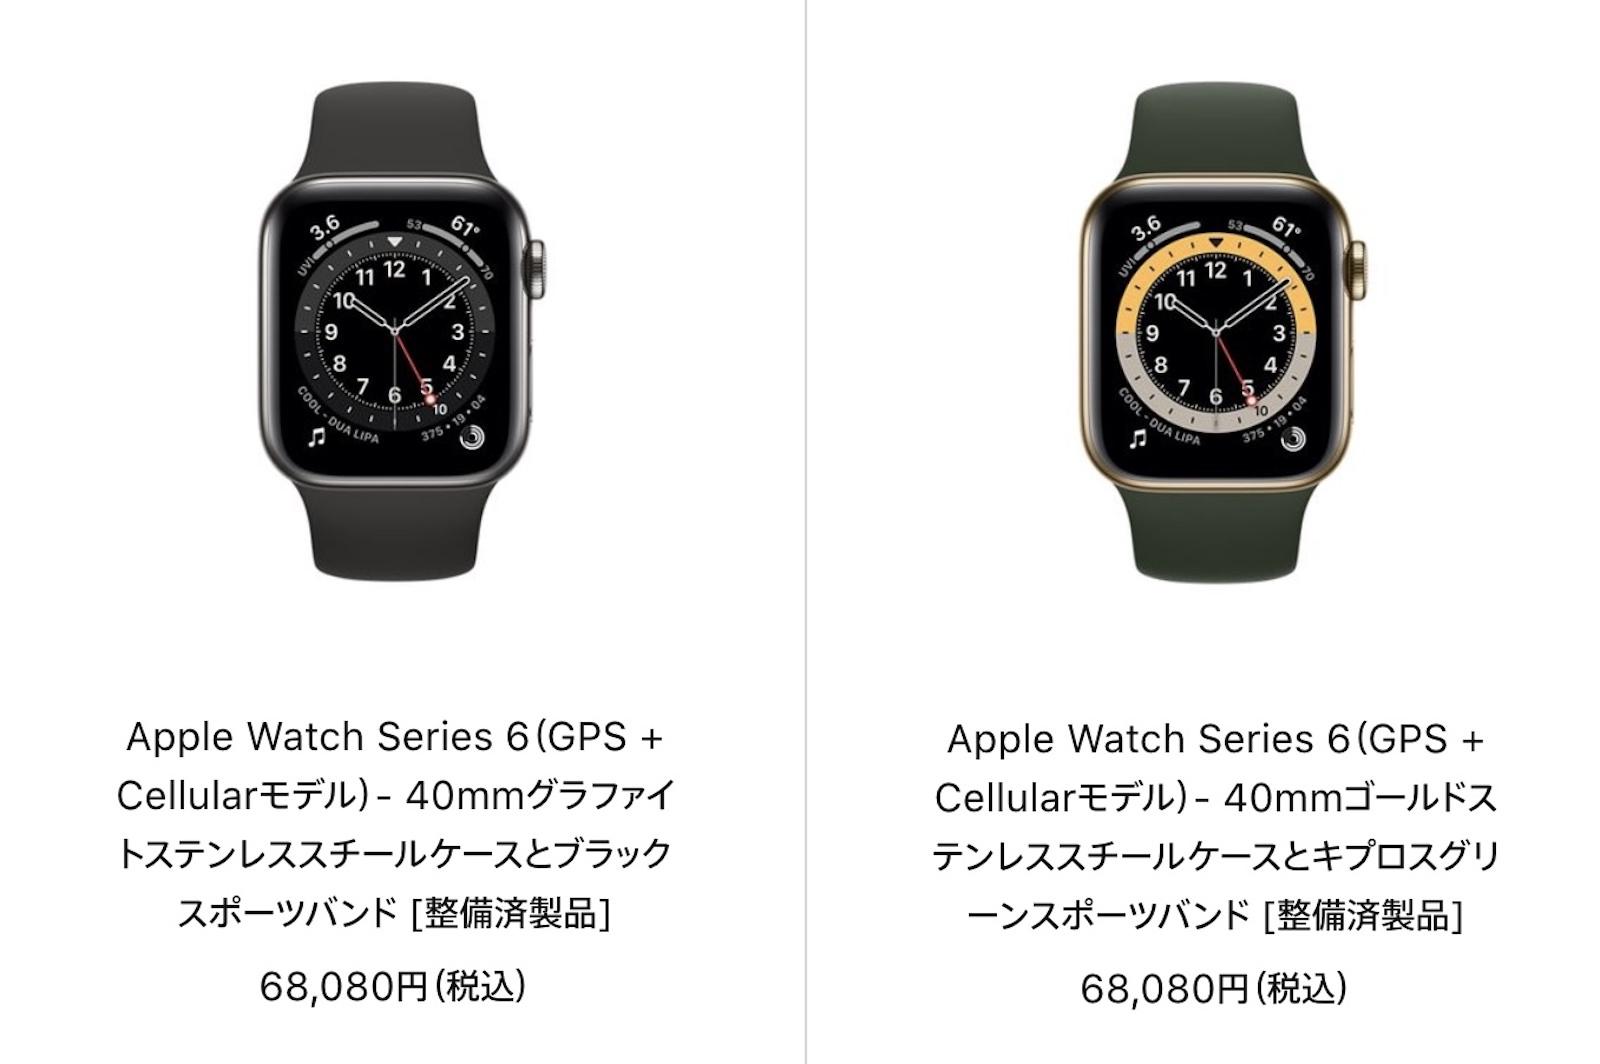 apple-watch-refurbished-models-20210518.jpg